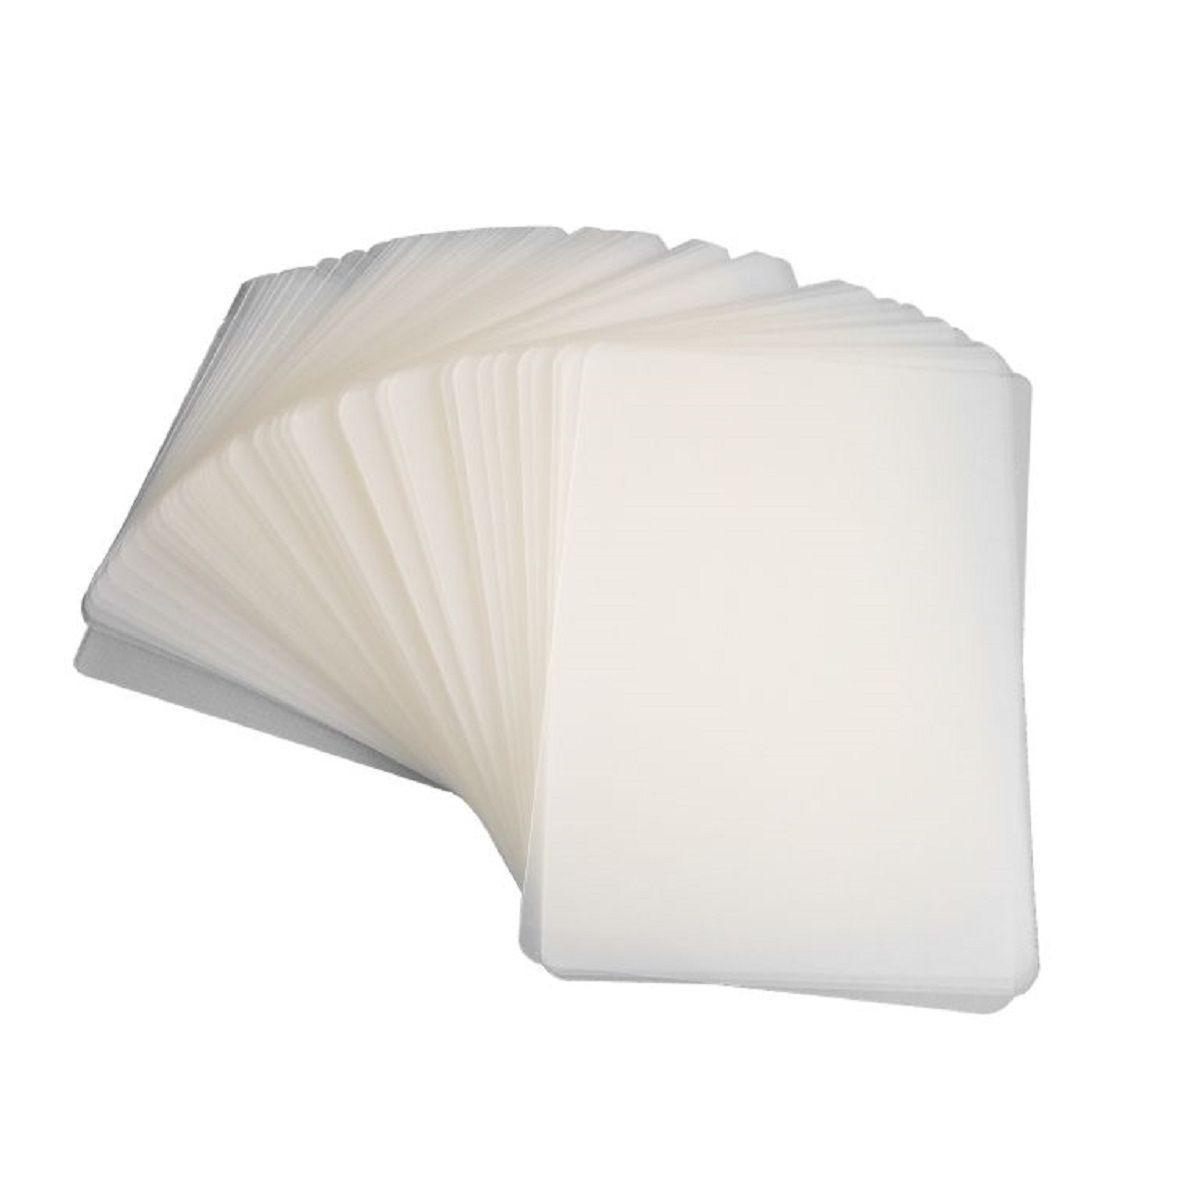 Kit 1000 Plasticos Polaseal para Plastificação A4 220x307x0,07mm (175 micras)  - Click Suprimentos